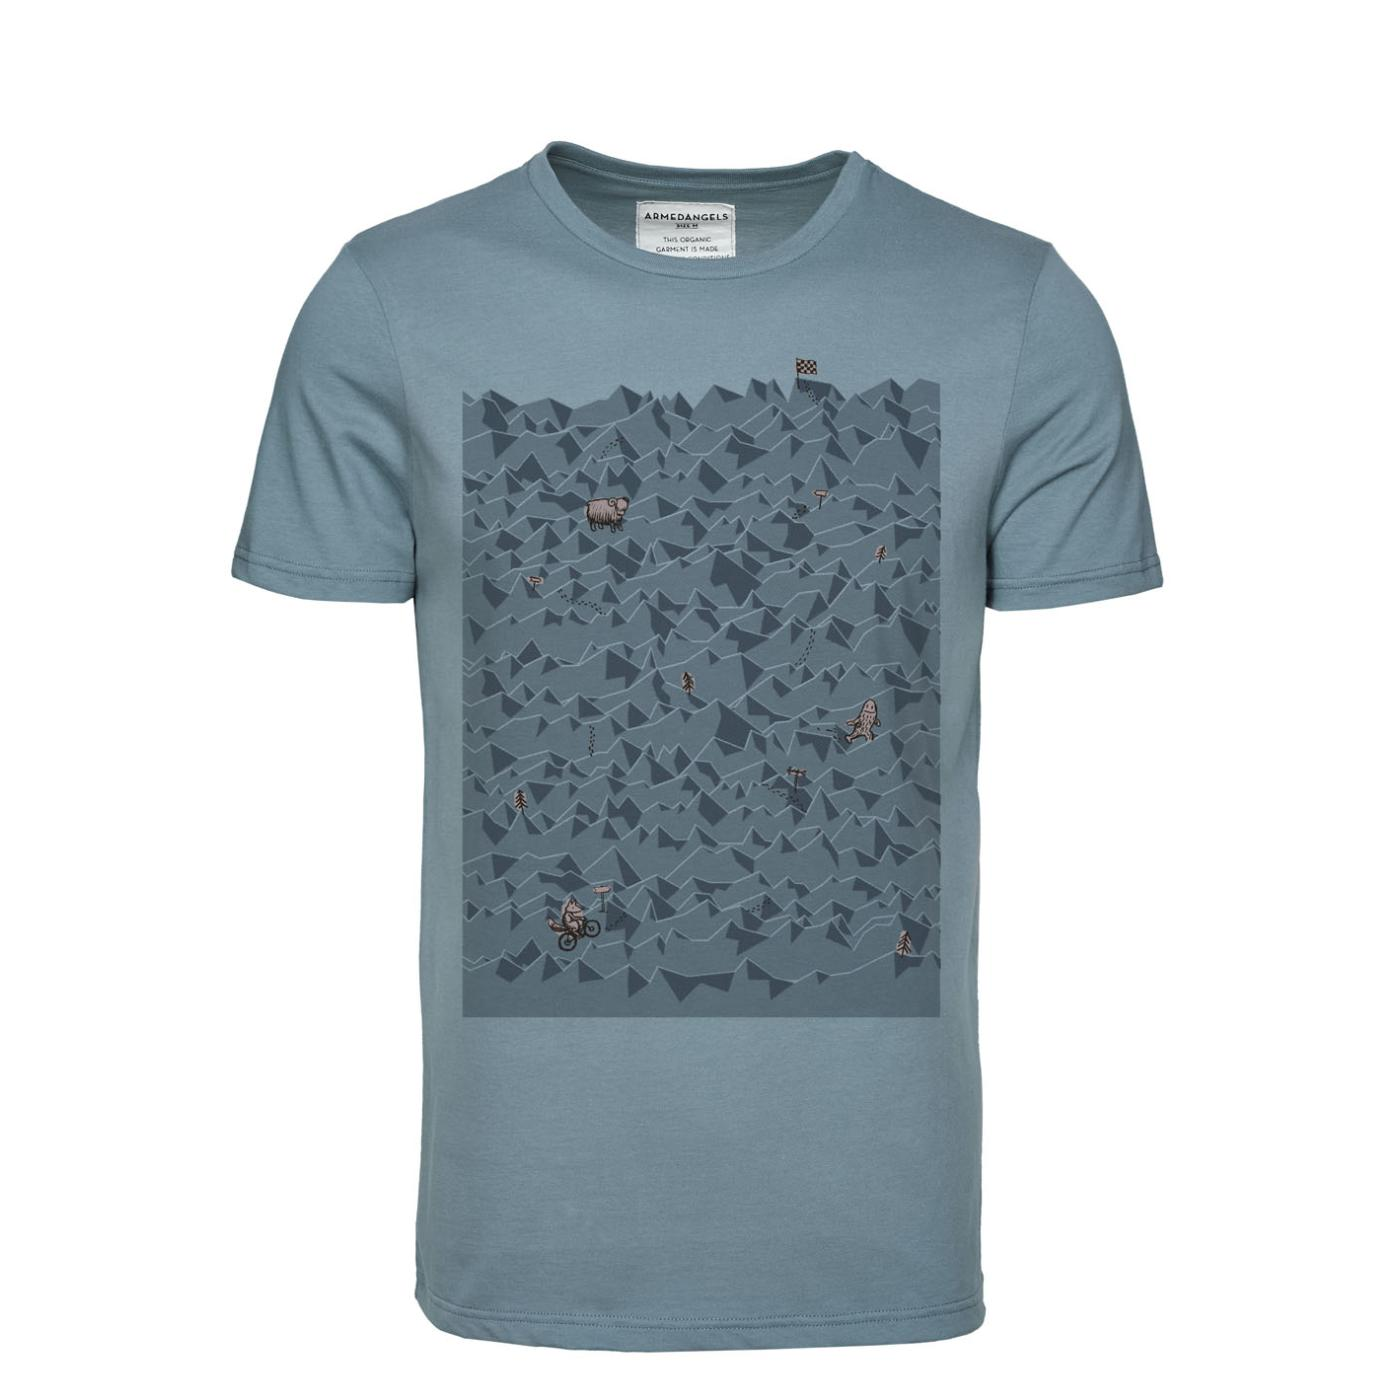 15-11-07-Tshirt10